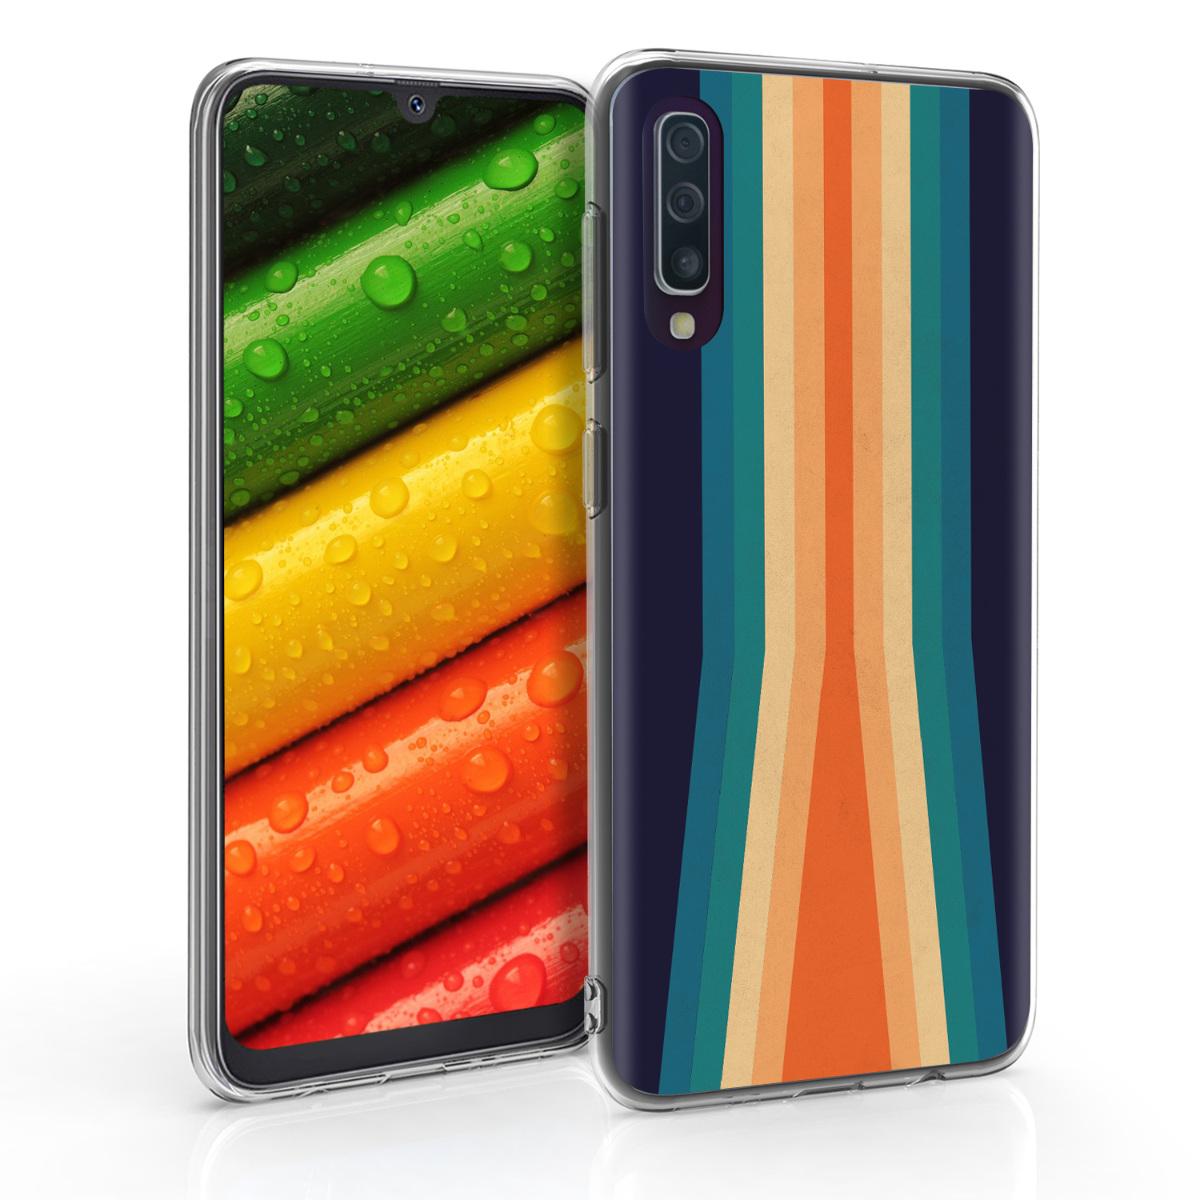 KW Θήκη Σιλικόνης Samsung Galaxy A50 - Multicolor (48061.12)